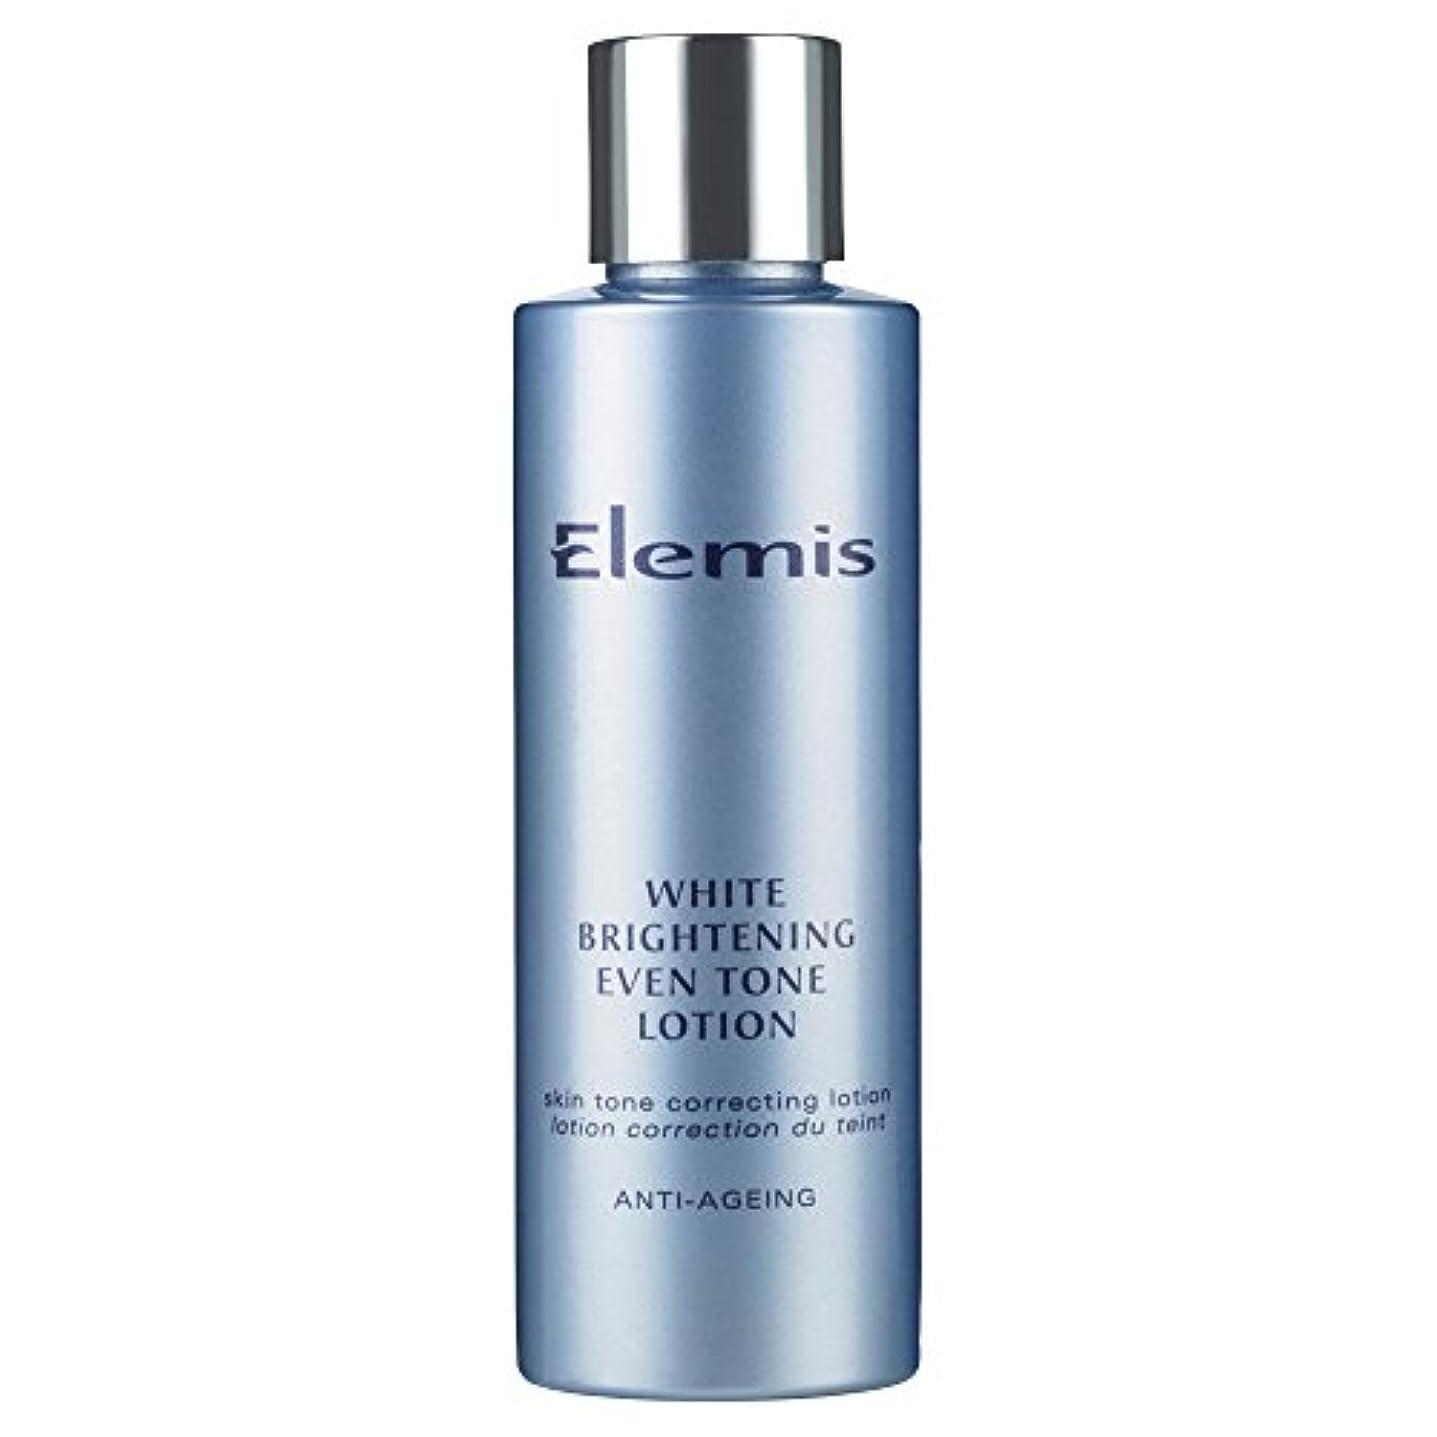 深遠ライン私のエレミス白い光沢さえトーンローション150ミリリットル (Elemis) - Elemis White Brightening Even Tone Lotion 150ml [並行輸入品]